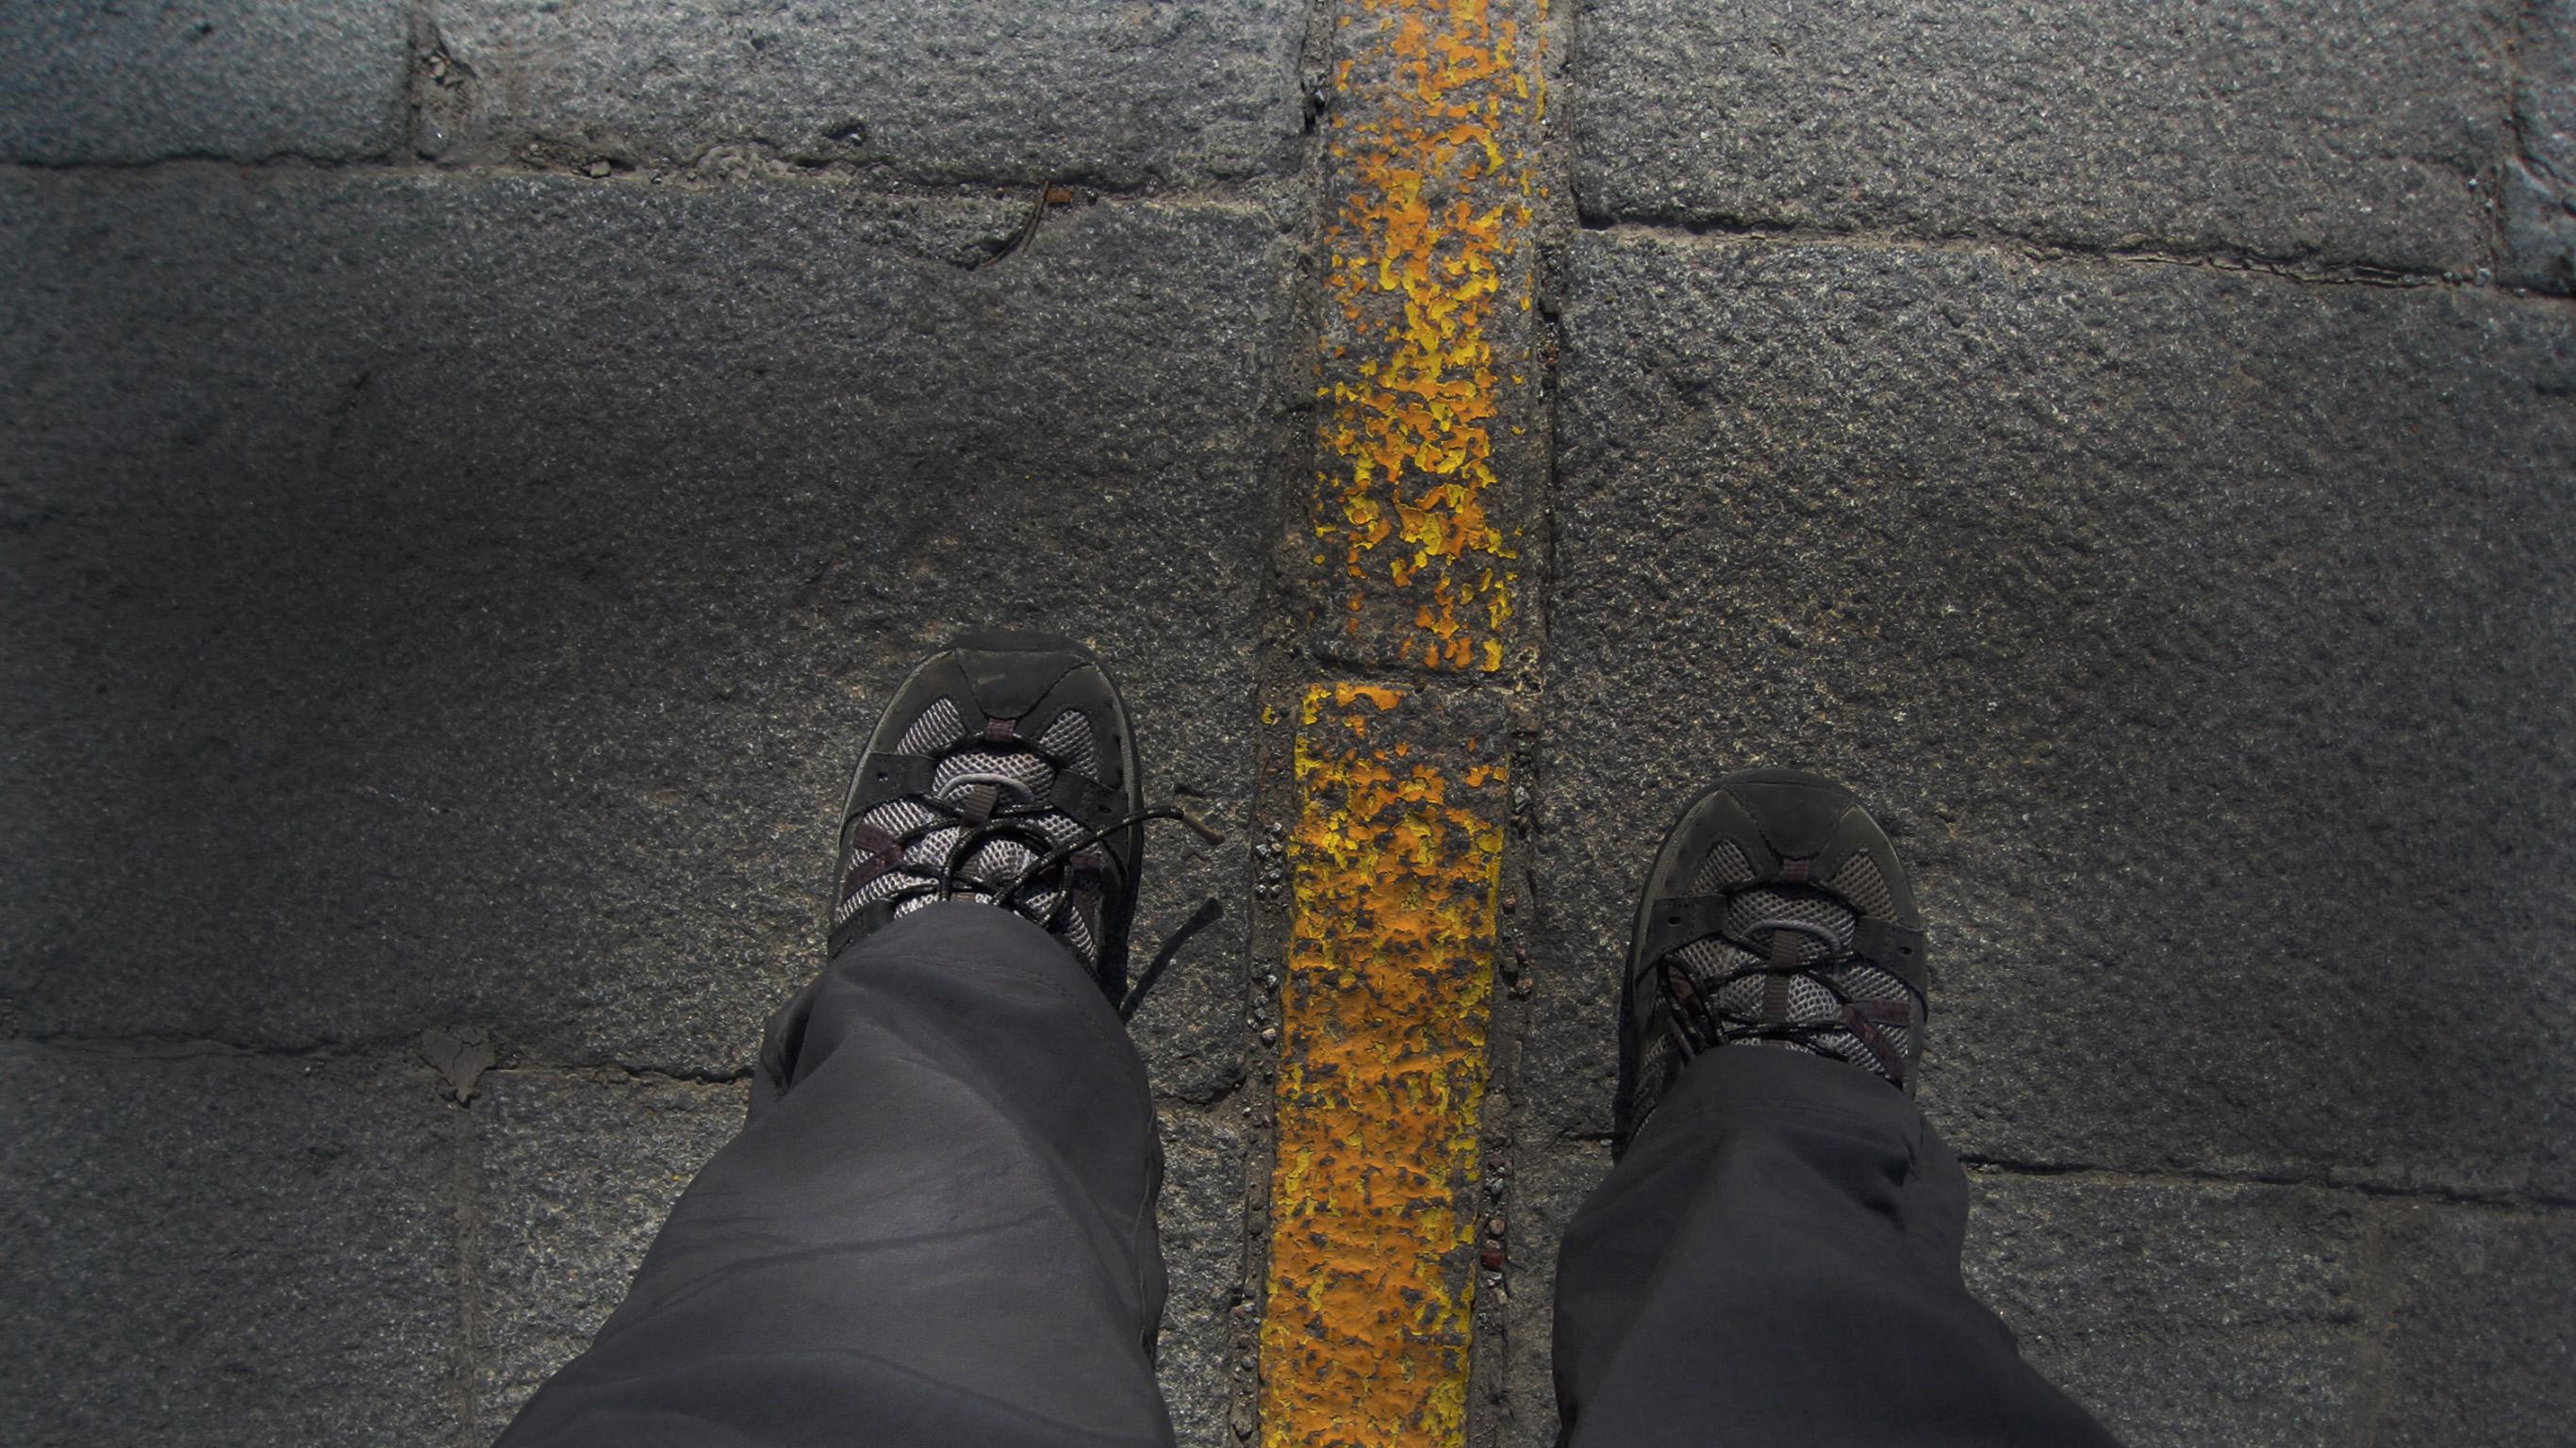 Busted! Top 3 equator line tricks debunked - G Adventures